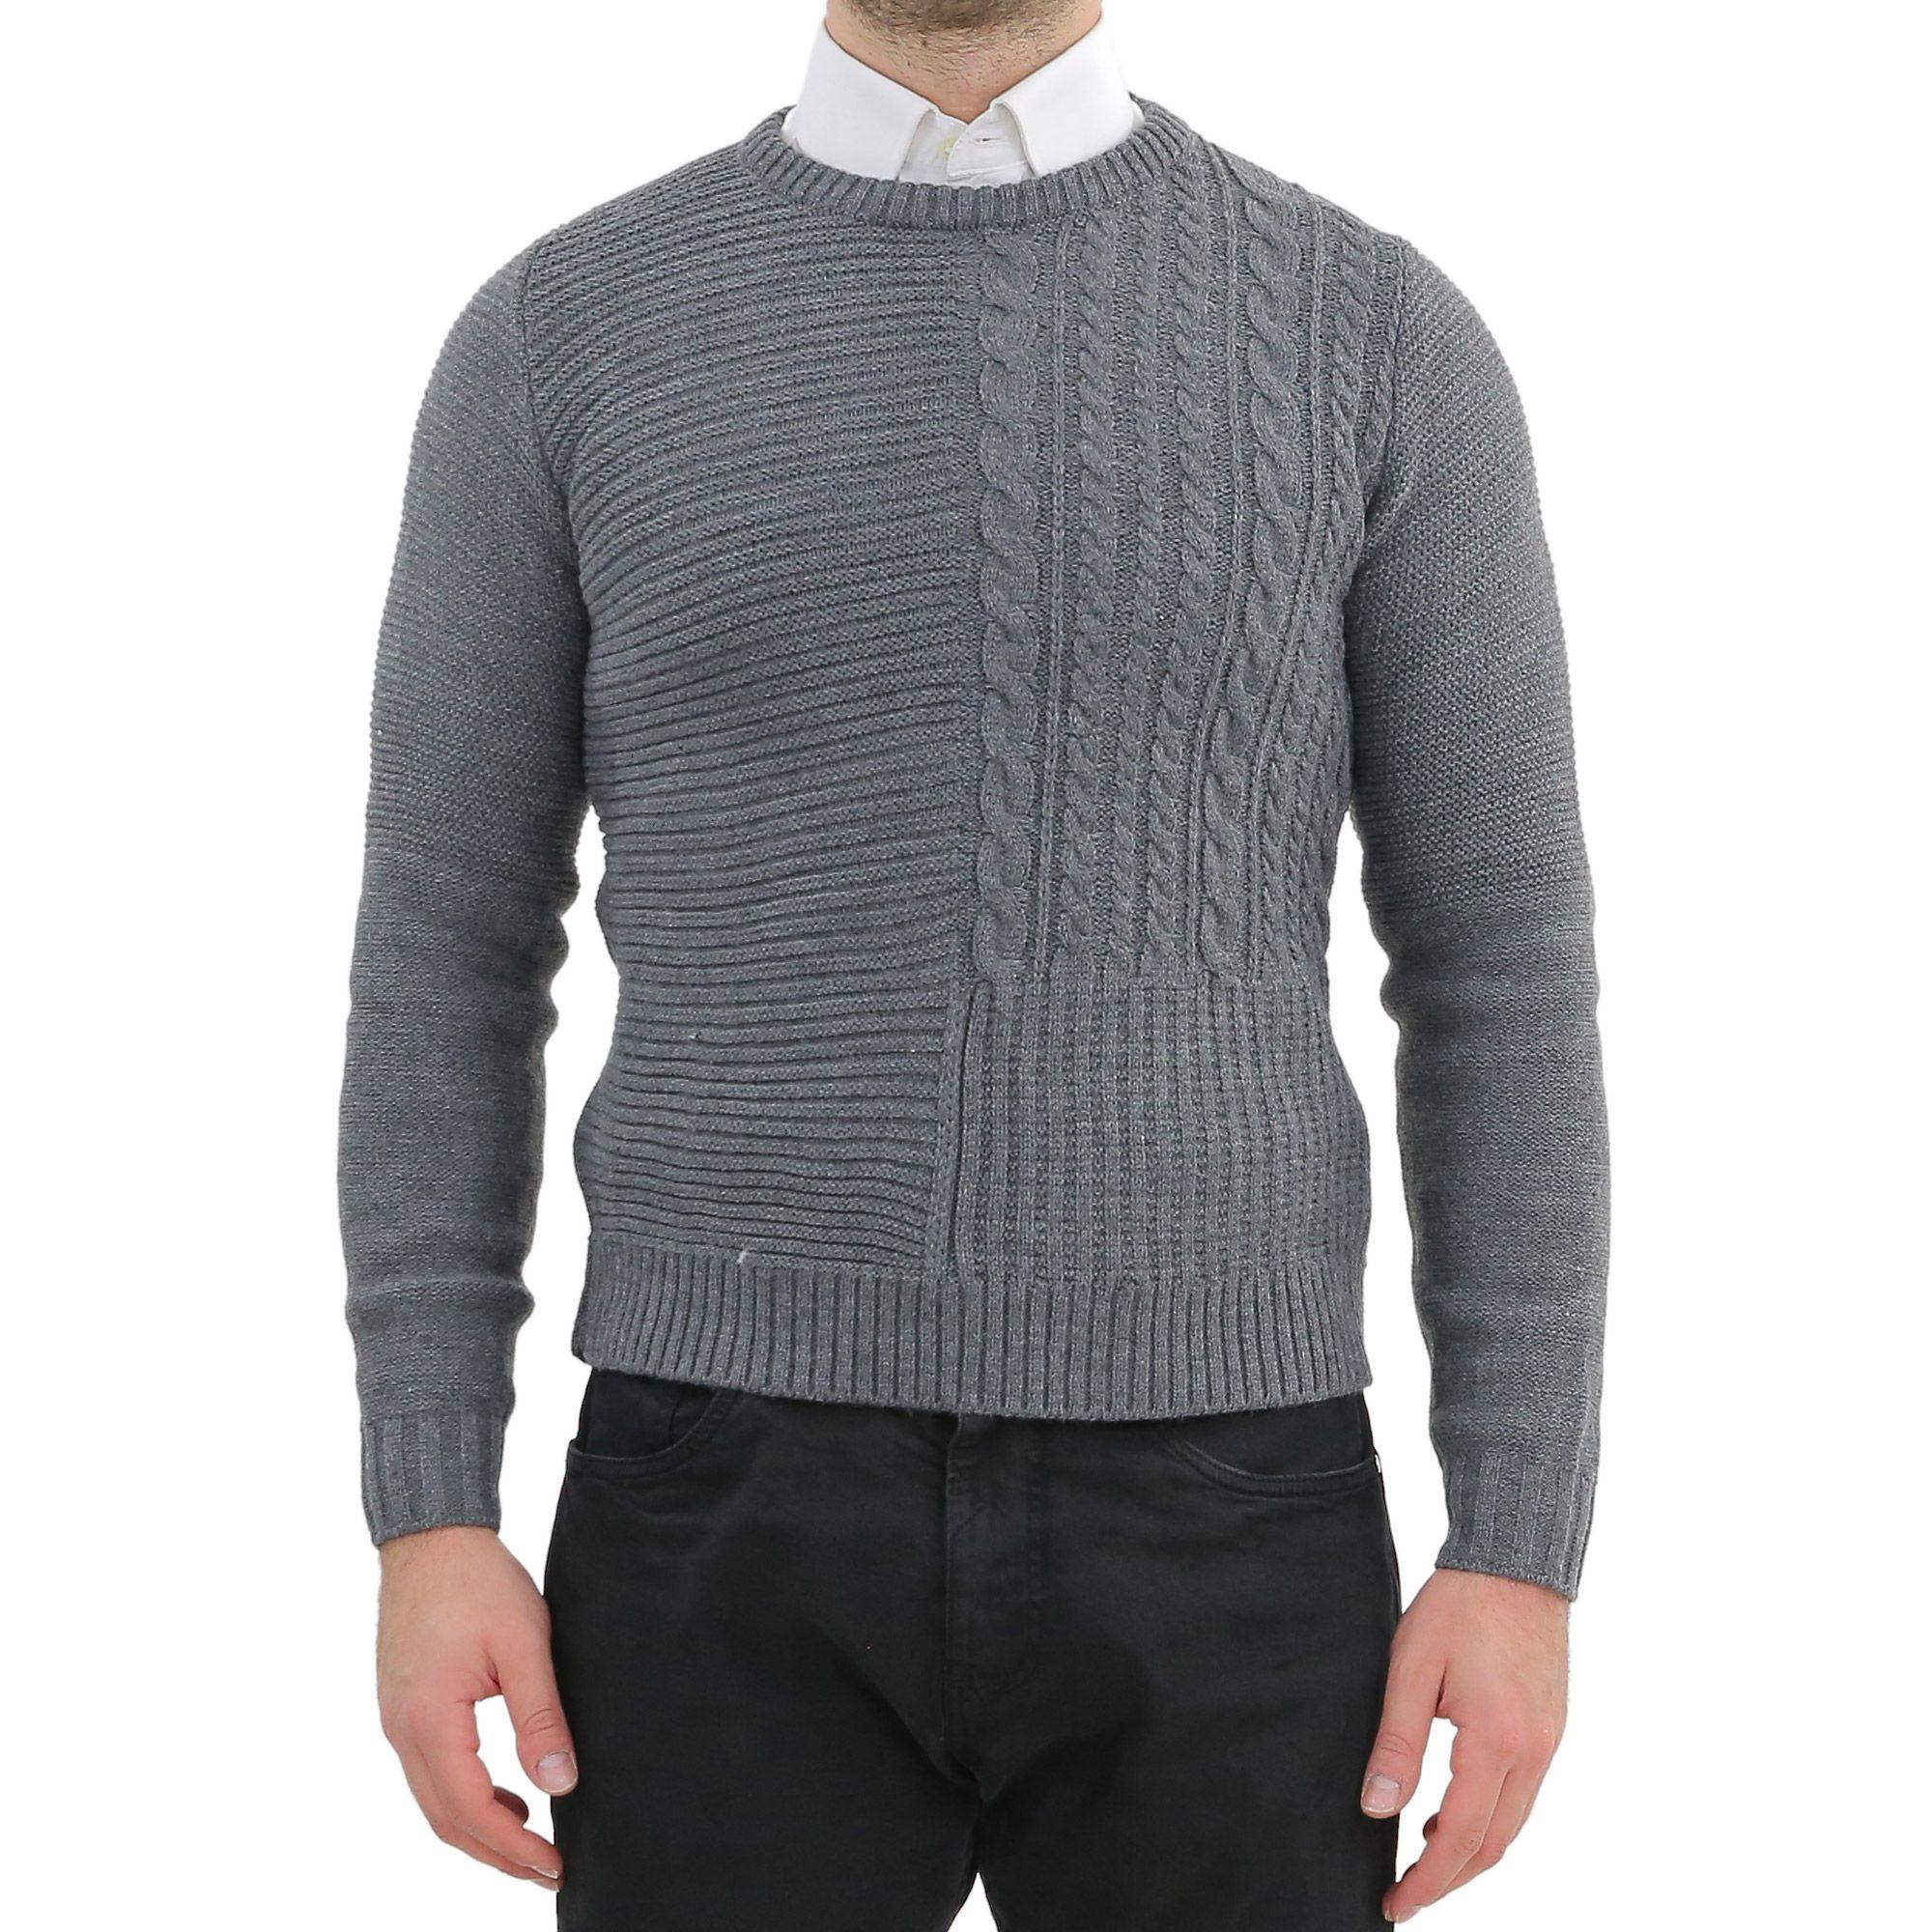 Ciabal/ù Maglione Uomo Invernale Girocollo Lana e Cashmere Maglioncino Pullover Elegante